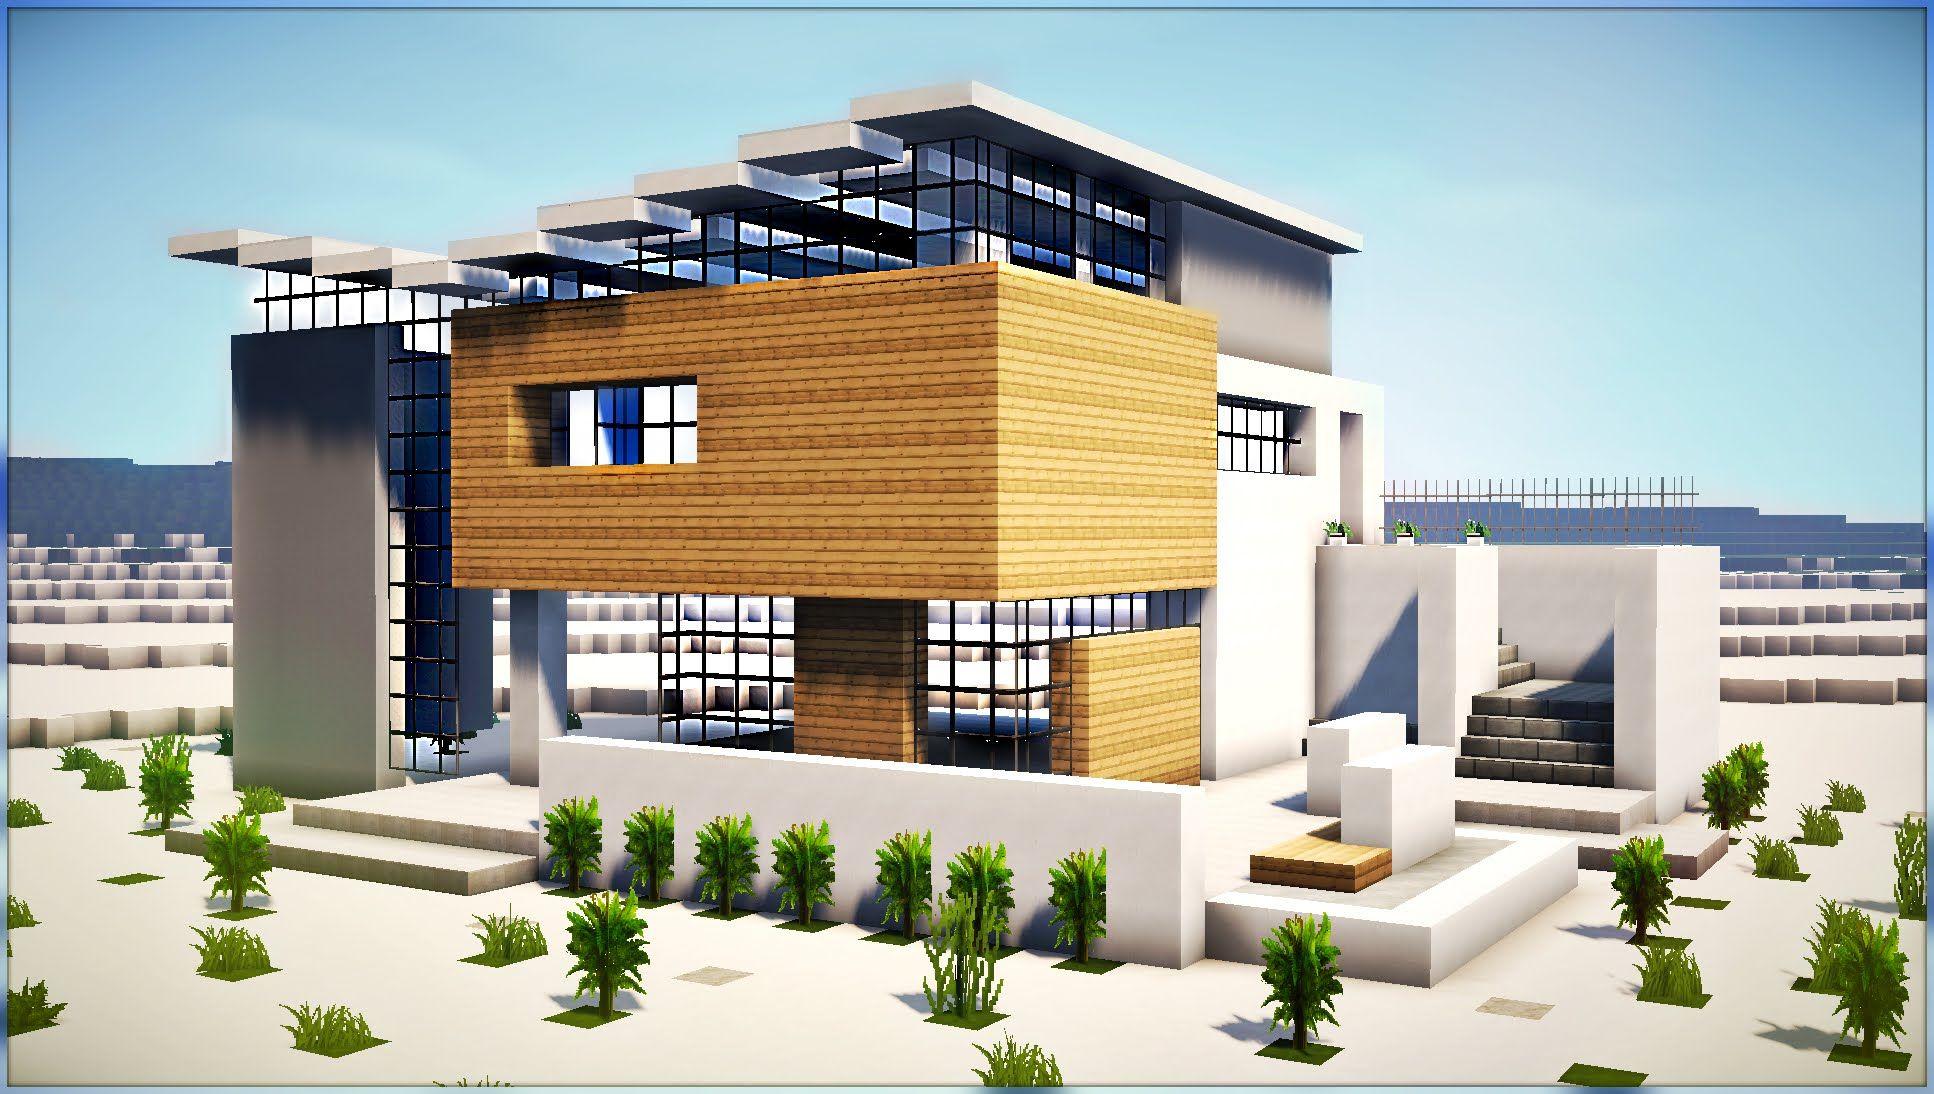 Einfaches hausdesign hd  minecraft how to build modern beach house part   minecraft